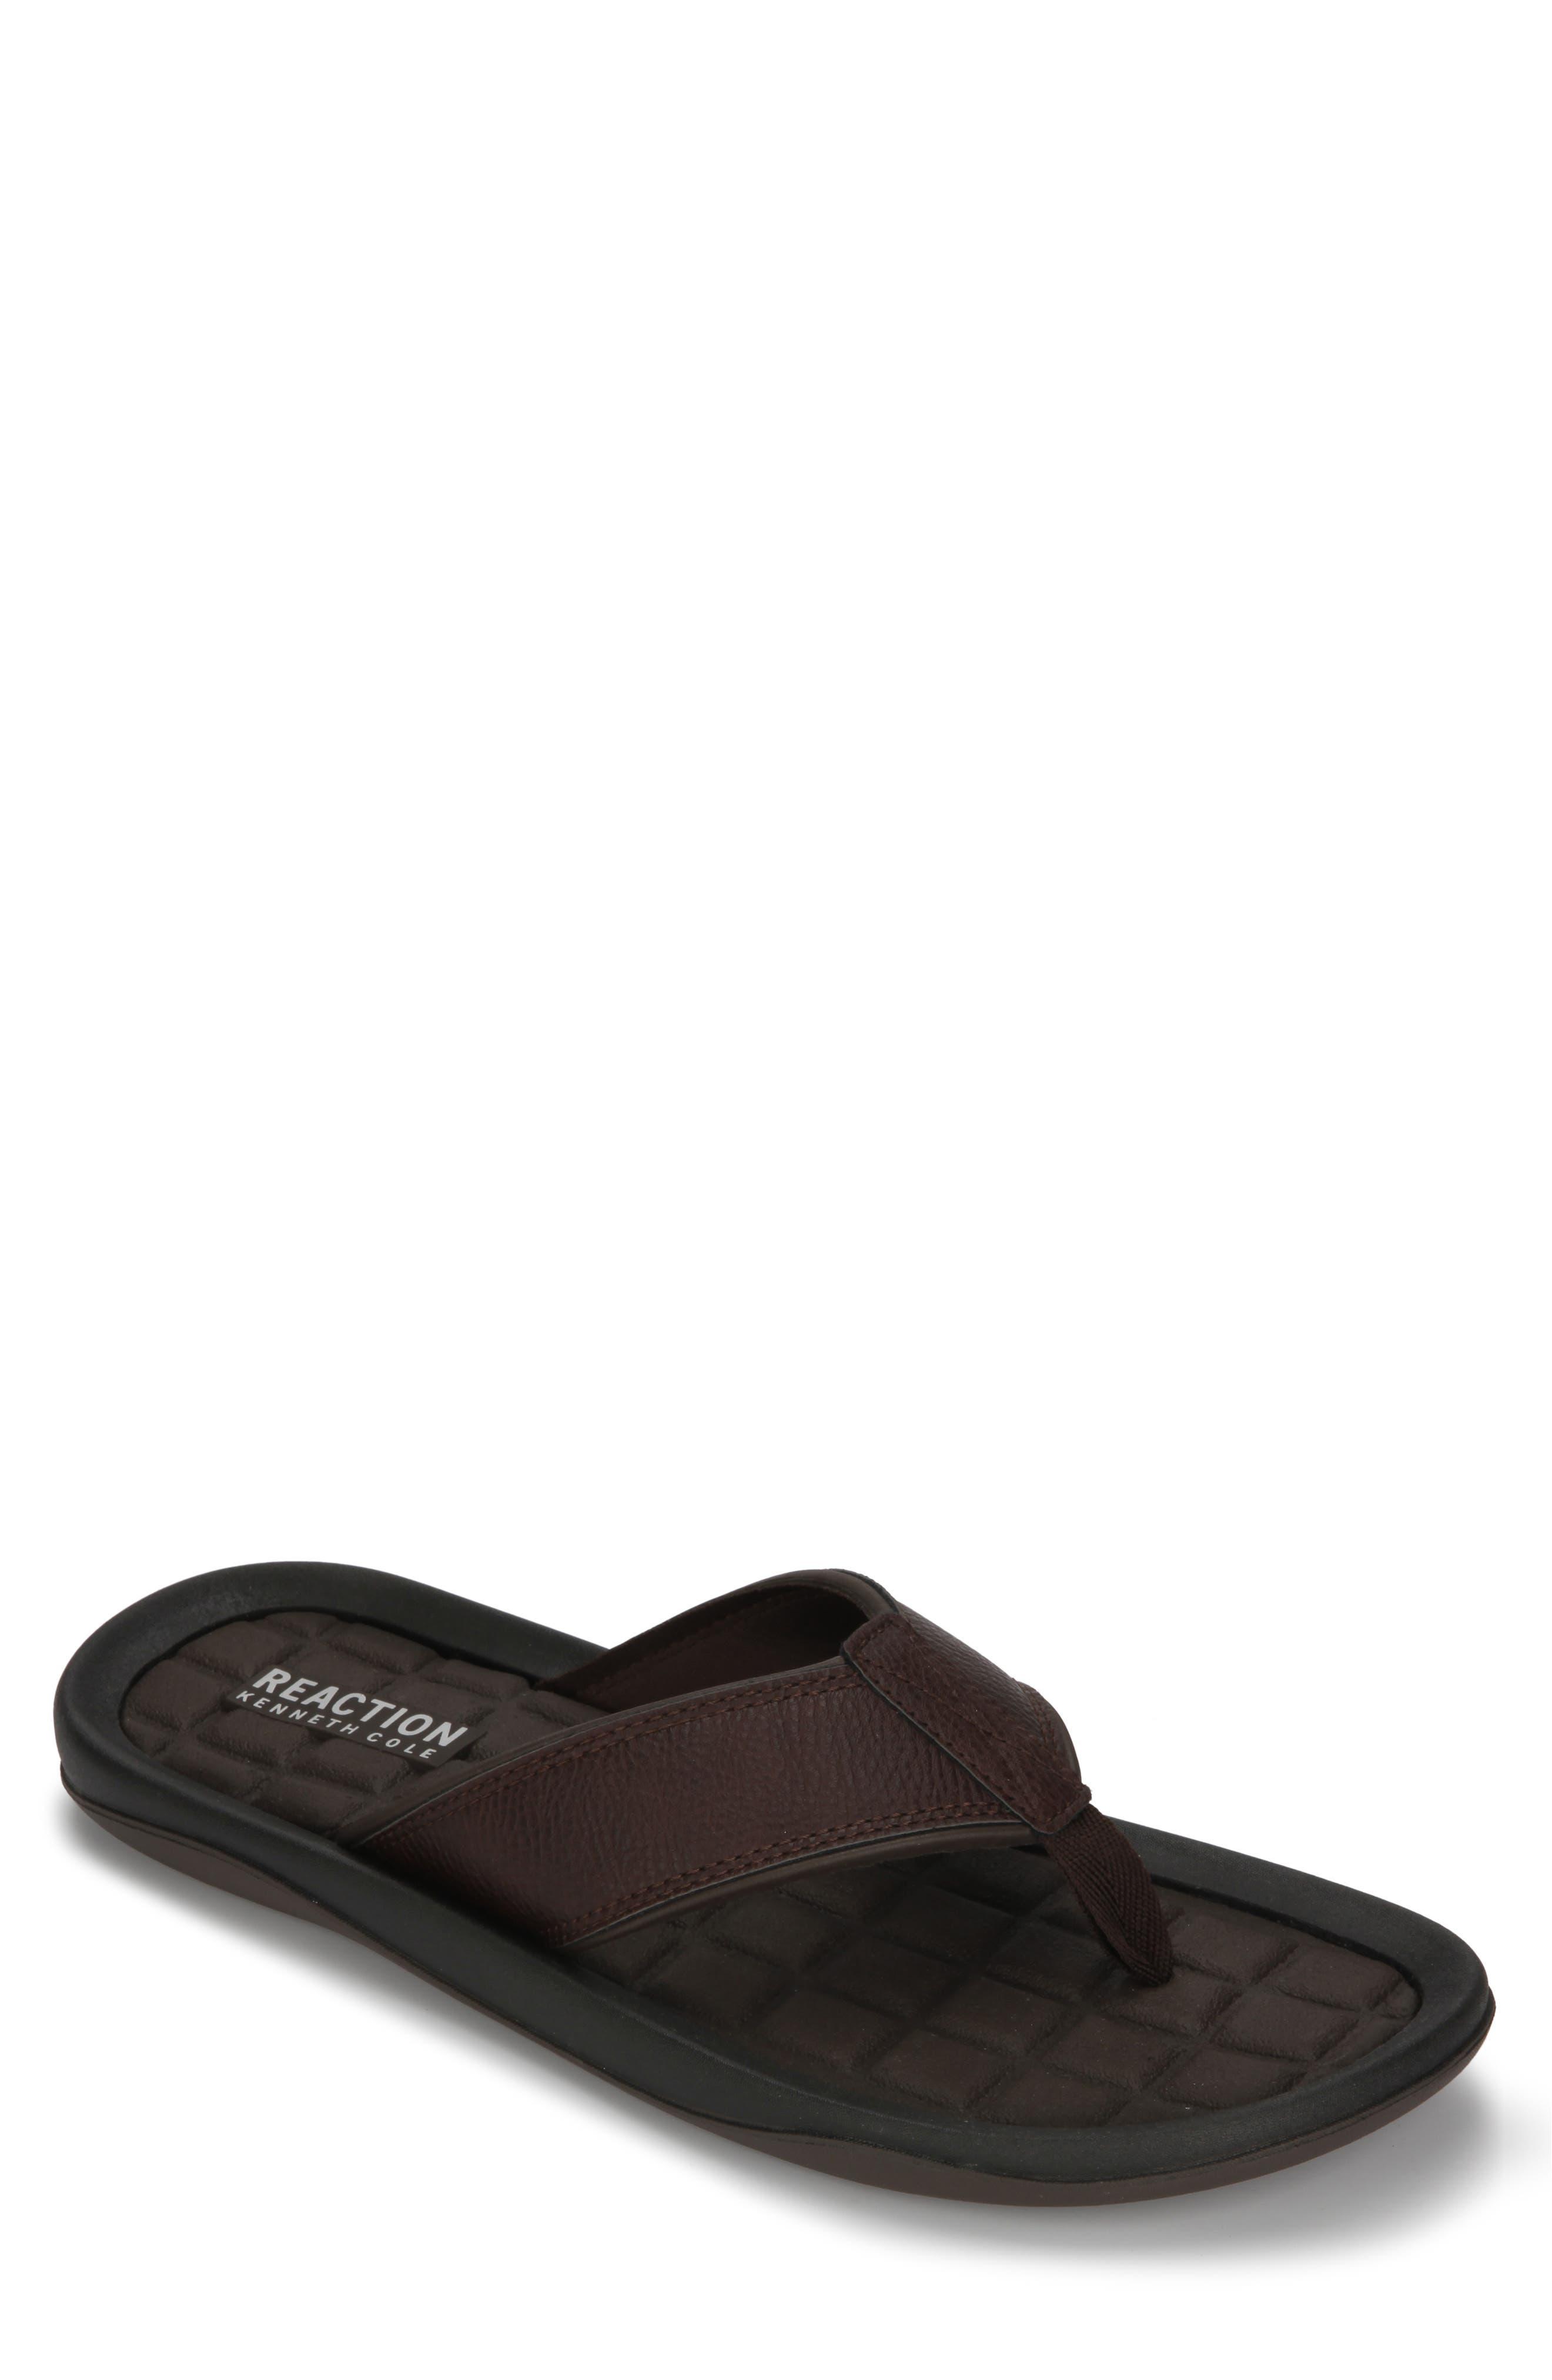 REACTION KENNETH COLE Four Sandal Flip Flop, Main, color, BROWN